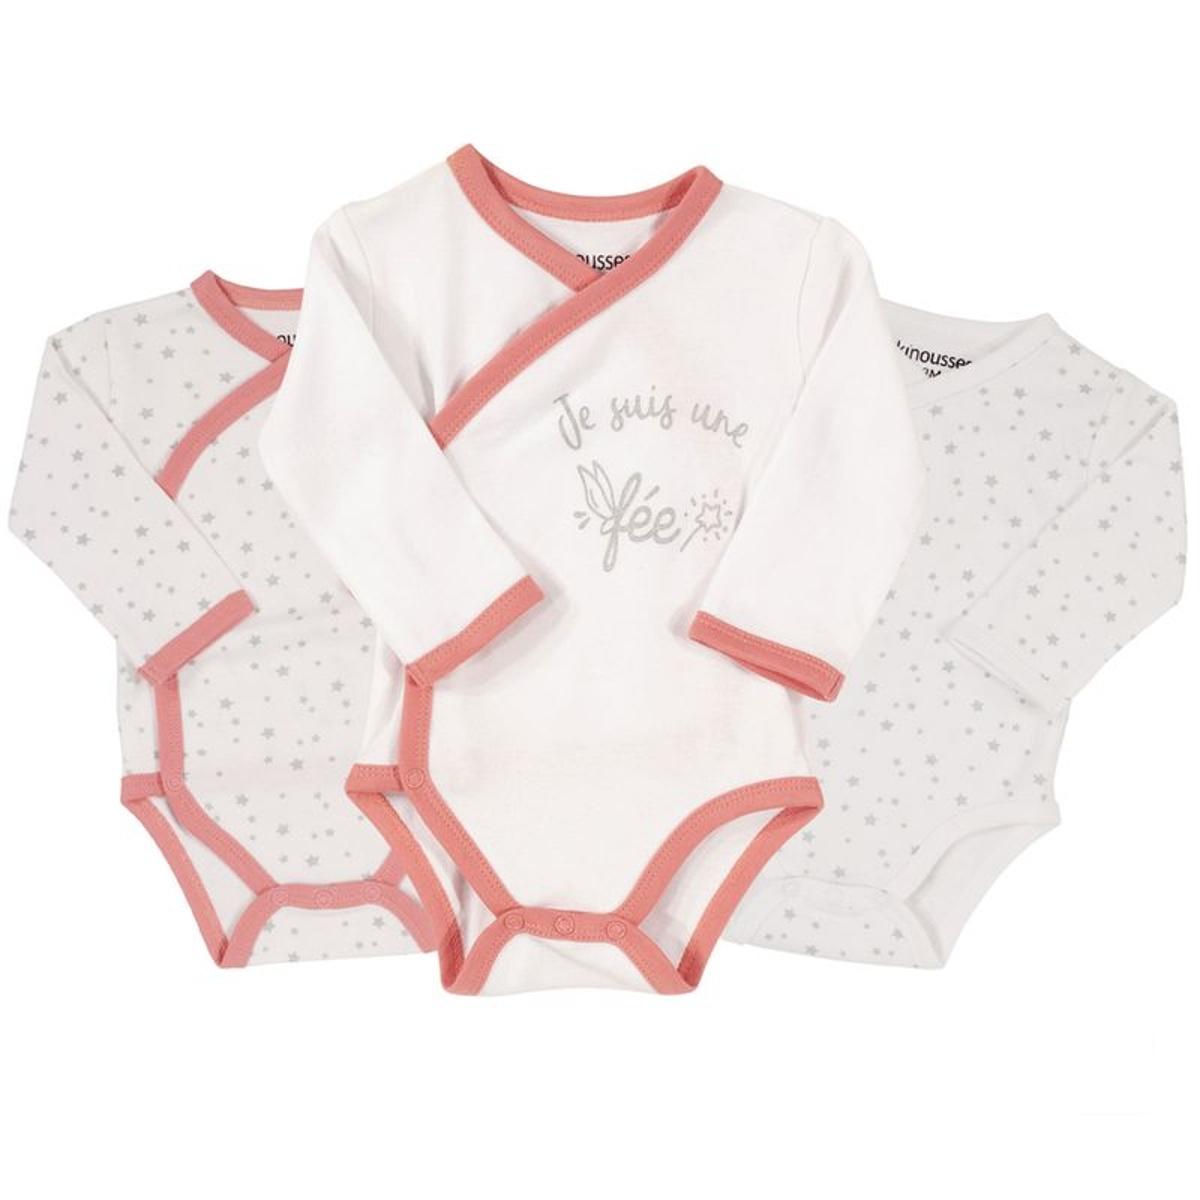 Bodies bébé - Fée (lot de 3)